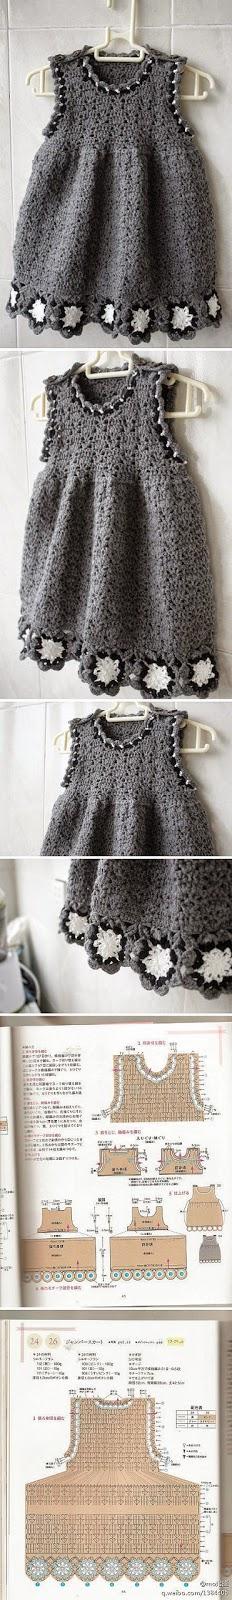 Patrones de vestido de niña